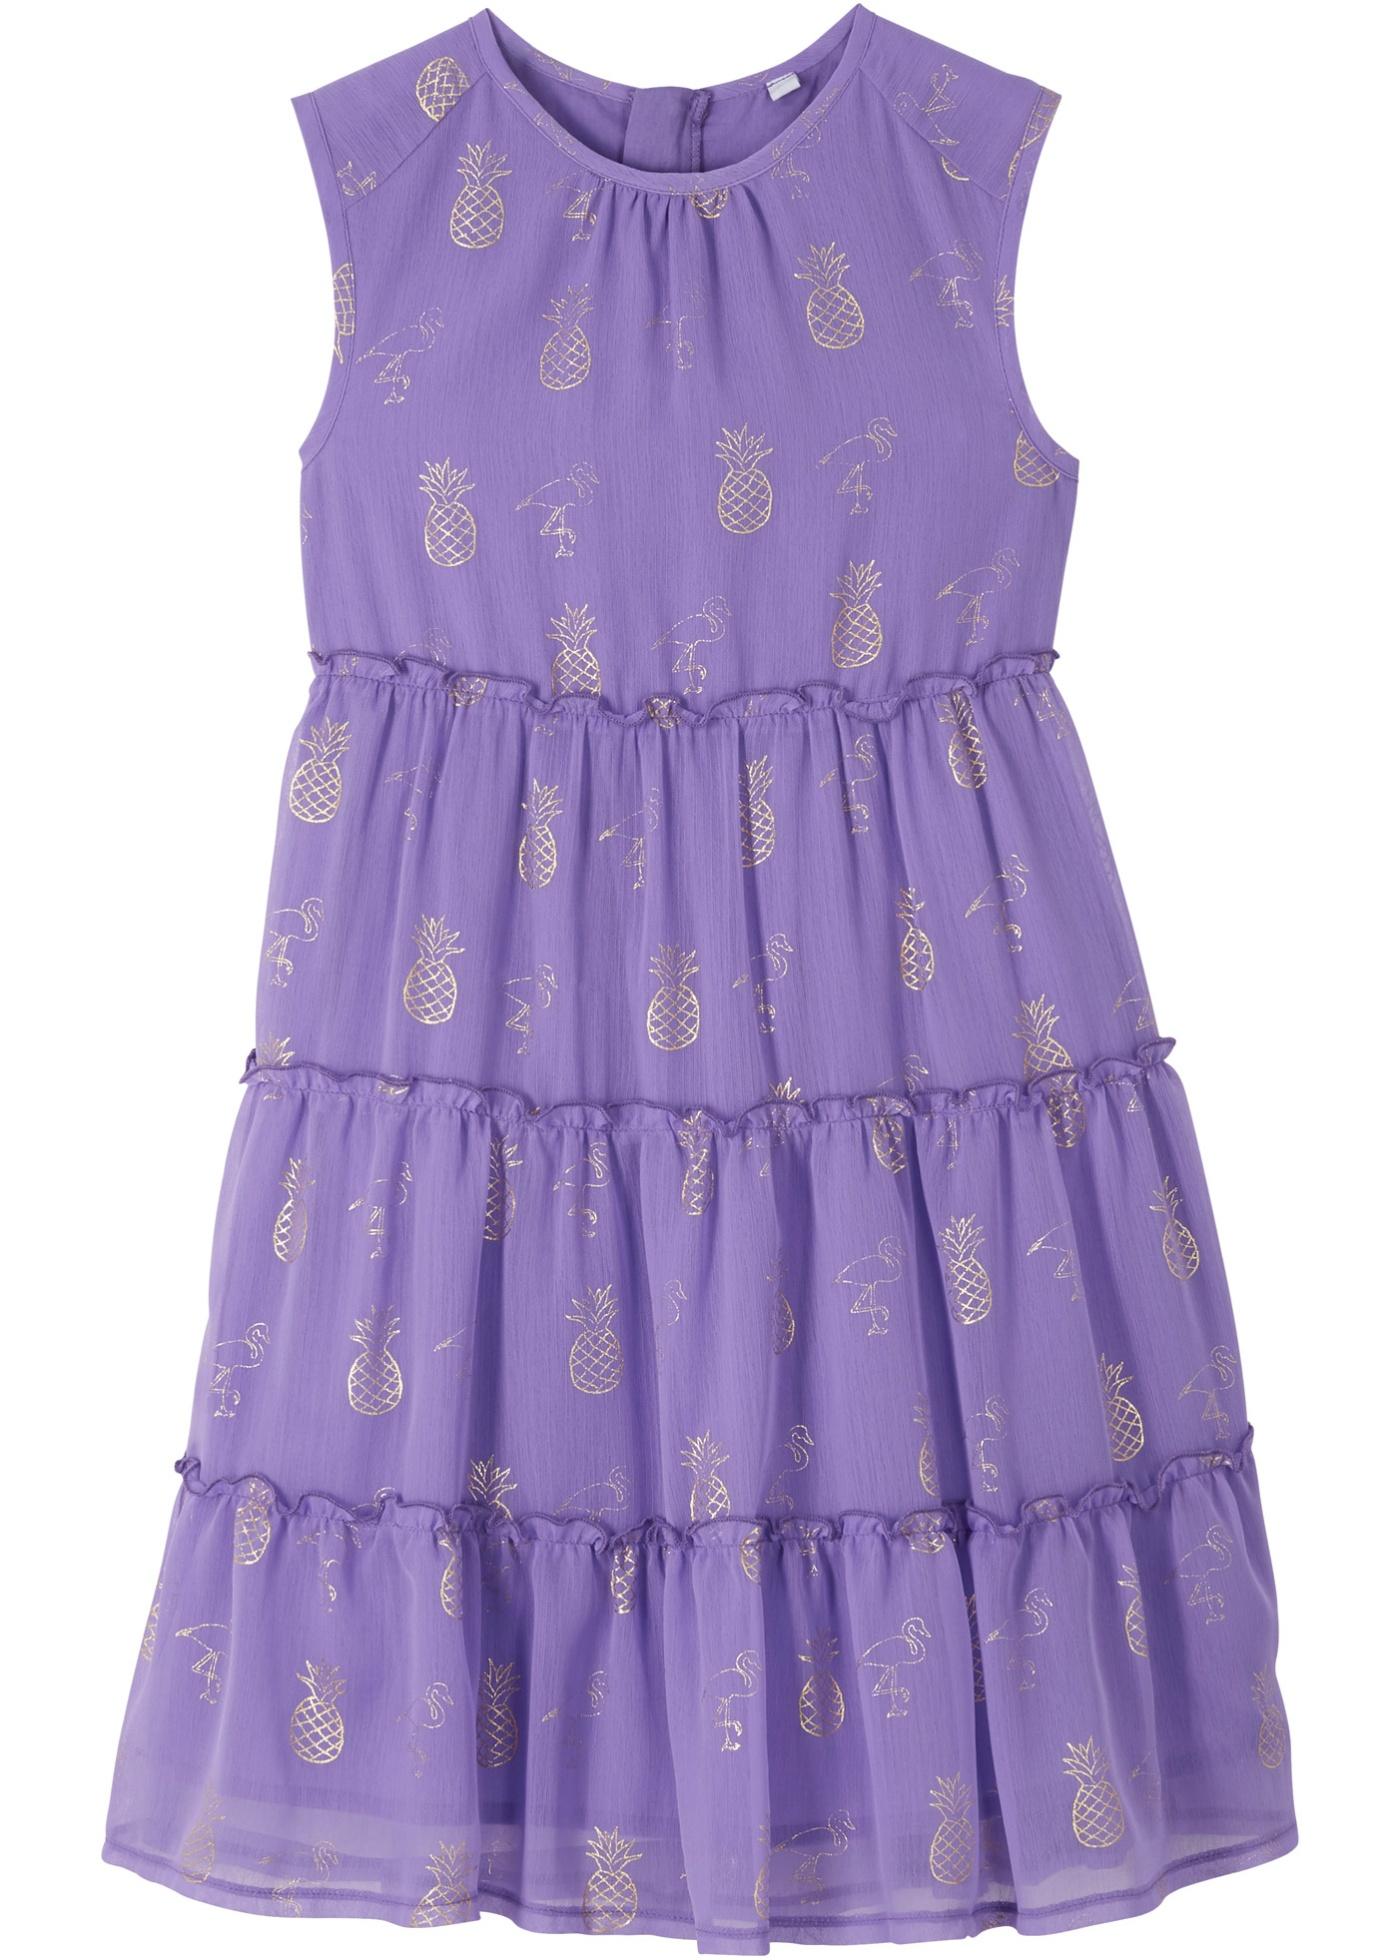 Mädchen Sommerkleid in lila für Mädchen von bonprix